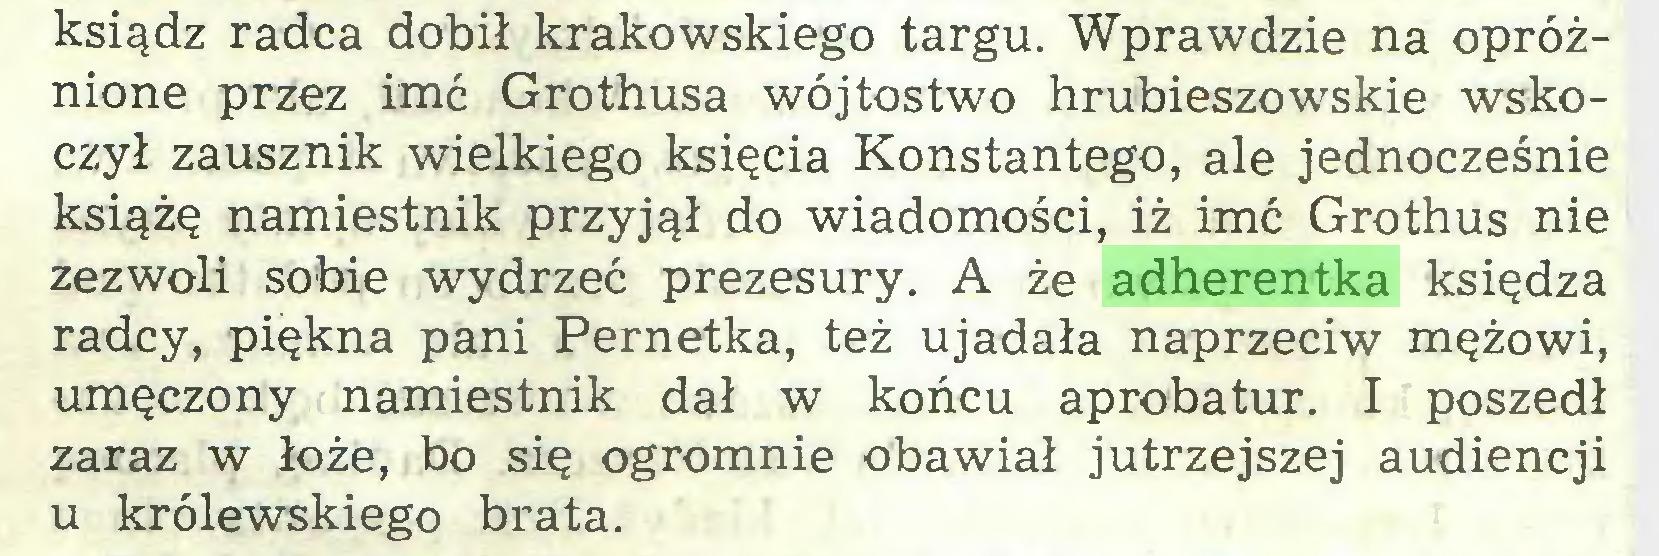 (...) ksiądz radca dobił krakowskiego targu. Wprawdzie na opróżnione przez imć Grothusa wójtostwo hrubieszowskie wskoczył zausznik wielkiego księcia Konstantego, ale jednocześnie książę namiestnik przyjął do wiadomości, iż imć Grothus nie zezwoli sobie wydrzeć prezesury. A że adherentka księdza radcy, piękna pani Pernetka, też ujadała naprzeciw mężowi, umęczony namiestnik dał w końcu aprobatur. I poszedł zaraz w łoże, bo się ogromnie obawiał jutrzejszej audiencji u królewskiego brata...